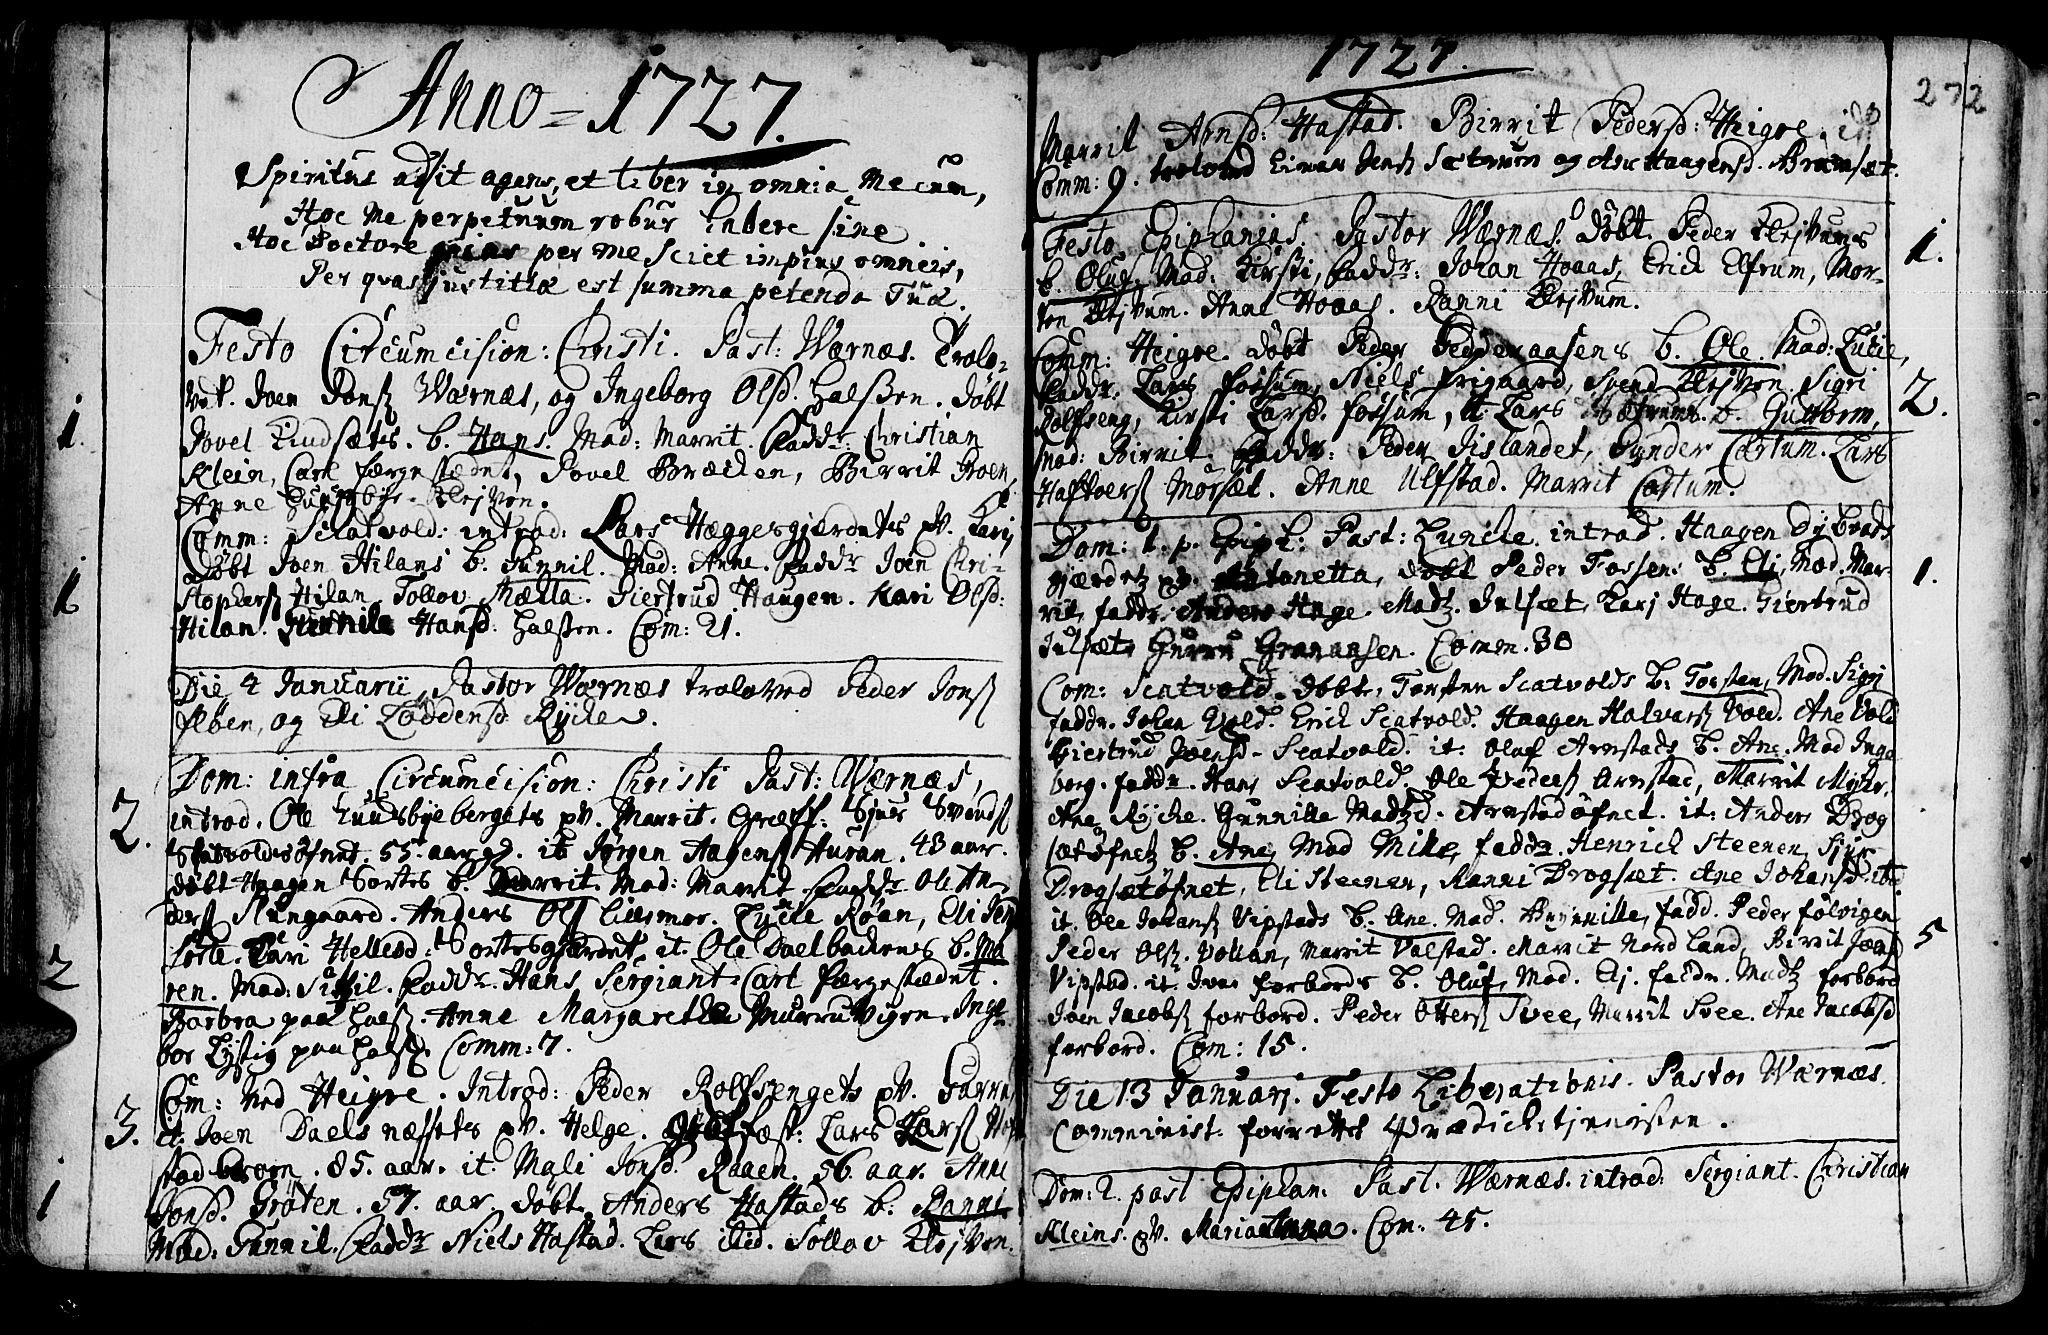 SAT, Ministerialprotokoller, klokkerbøker og fødselsregistre - Nord-Trøndelag, 709/L0054: Ministerialbok nr. 709A02, 1714-1738, s. 271-272